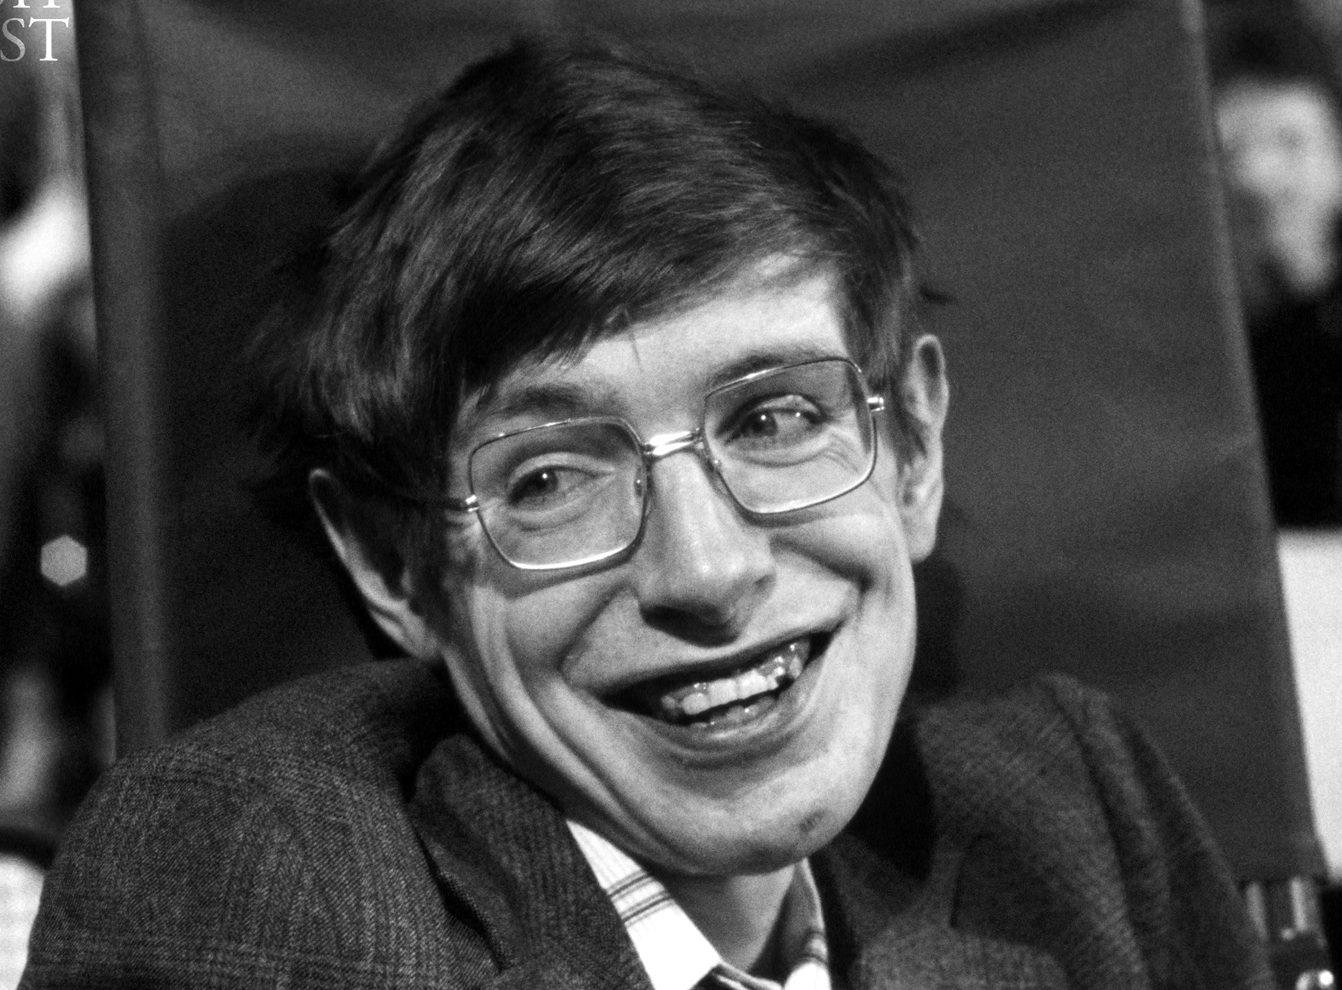 Stephen Hawking Image: In Memoriam: Stephen Hawking